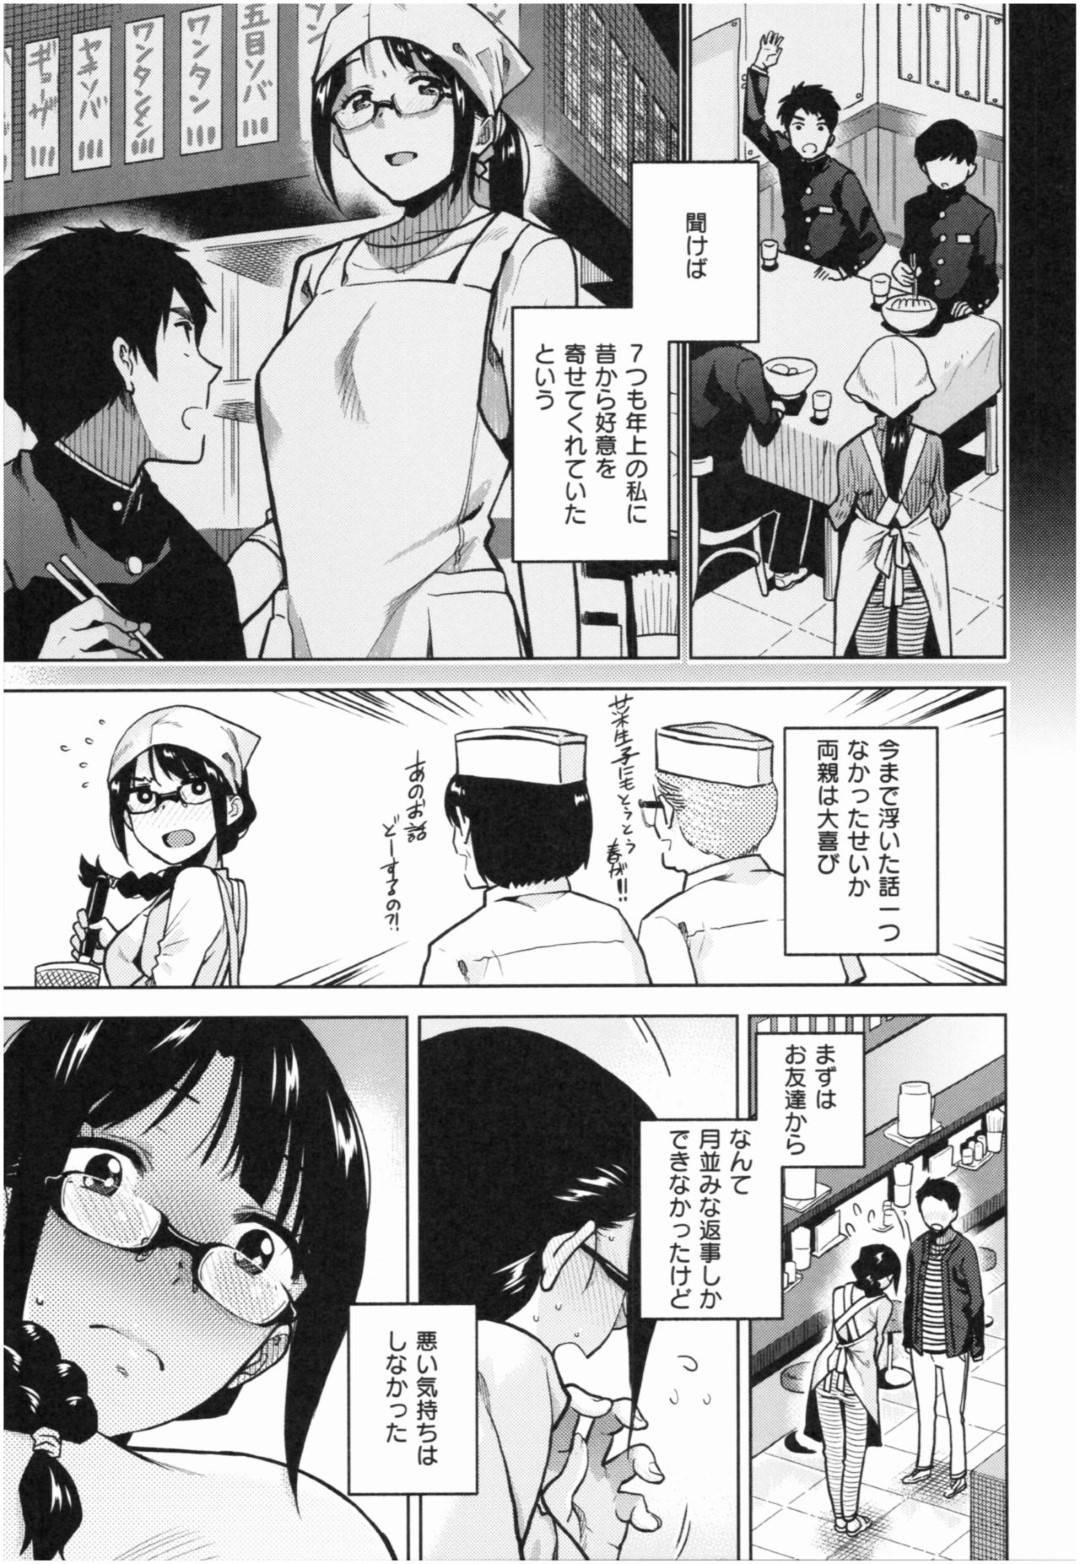 【エロ漫画】学生の頃からの常連さんに告白された中華料理屋の娘…お付き合いが始まり初めてのホテルへ!お互い緊張しながらぎこちなく求めあい中出しセックス!【桐原湧】